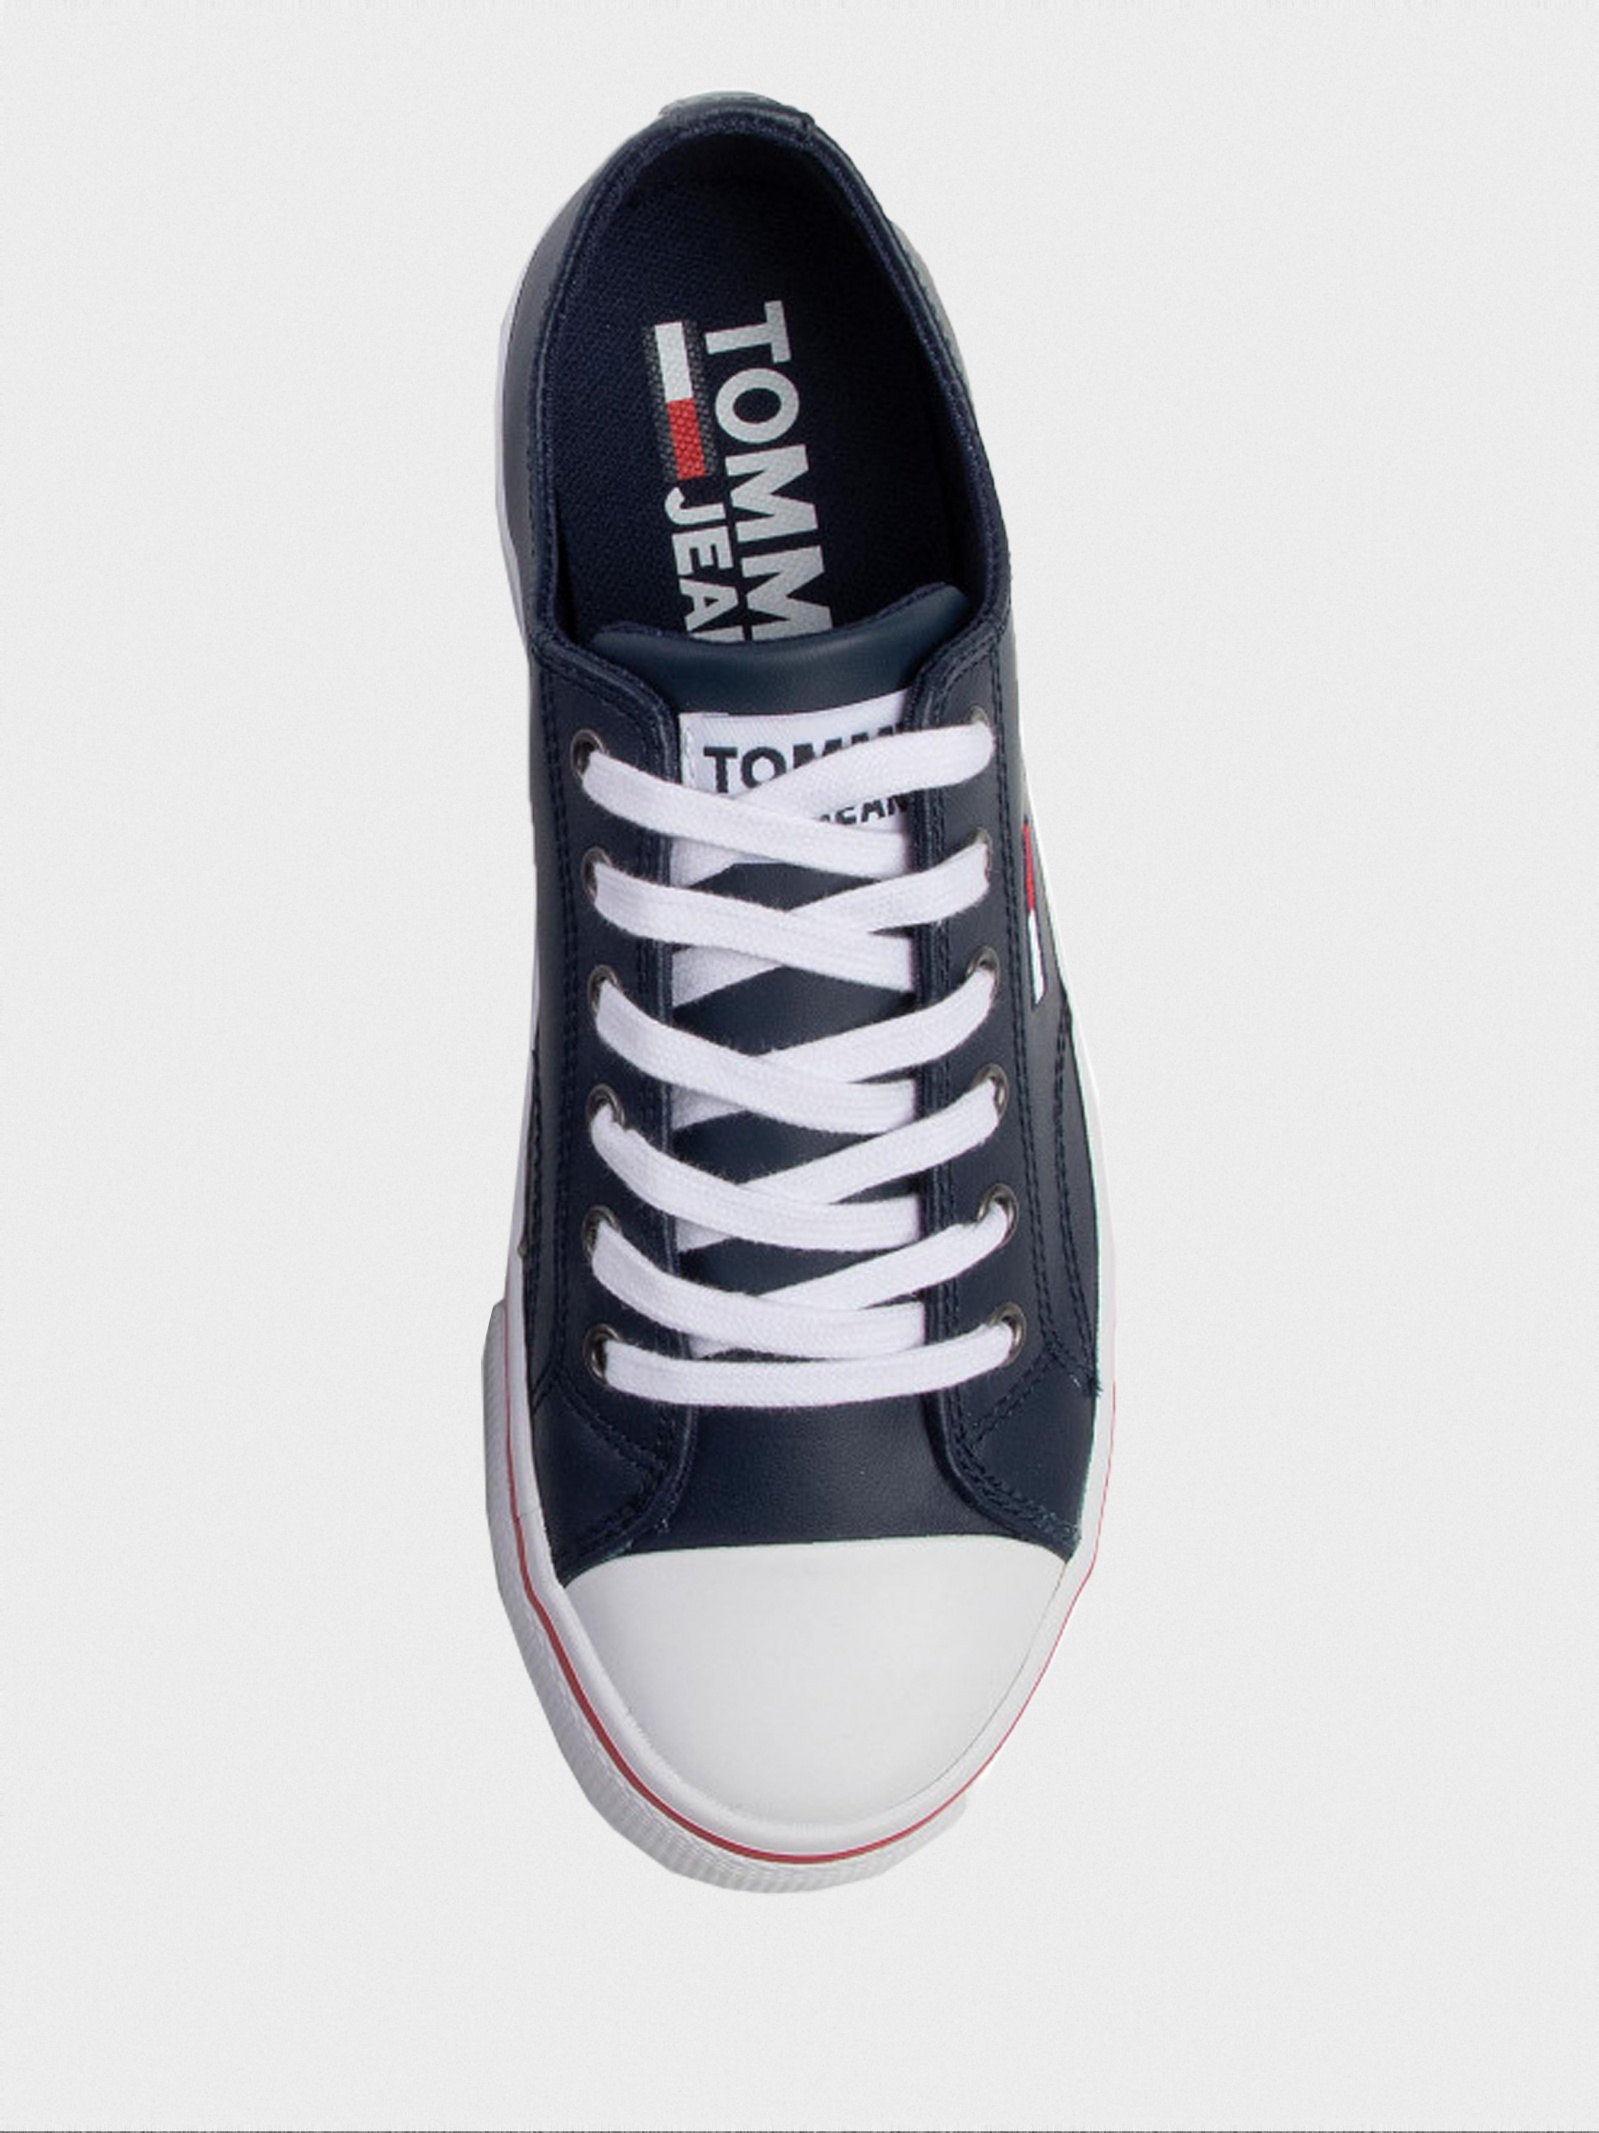 Кроссовки для женщин Tommy Hilfiger TD1404 Заказать, 2017